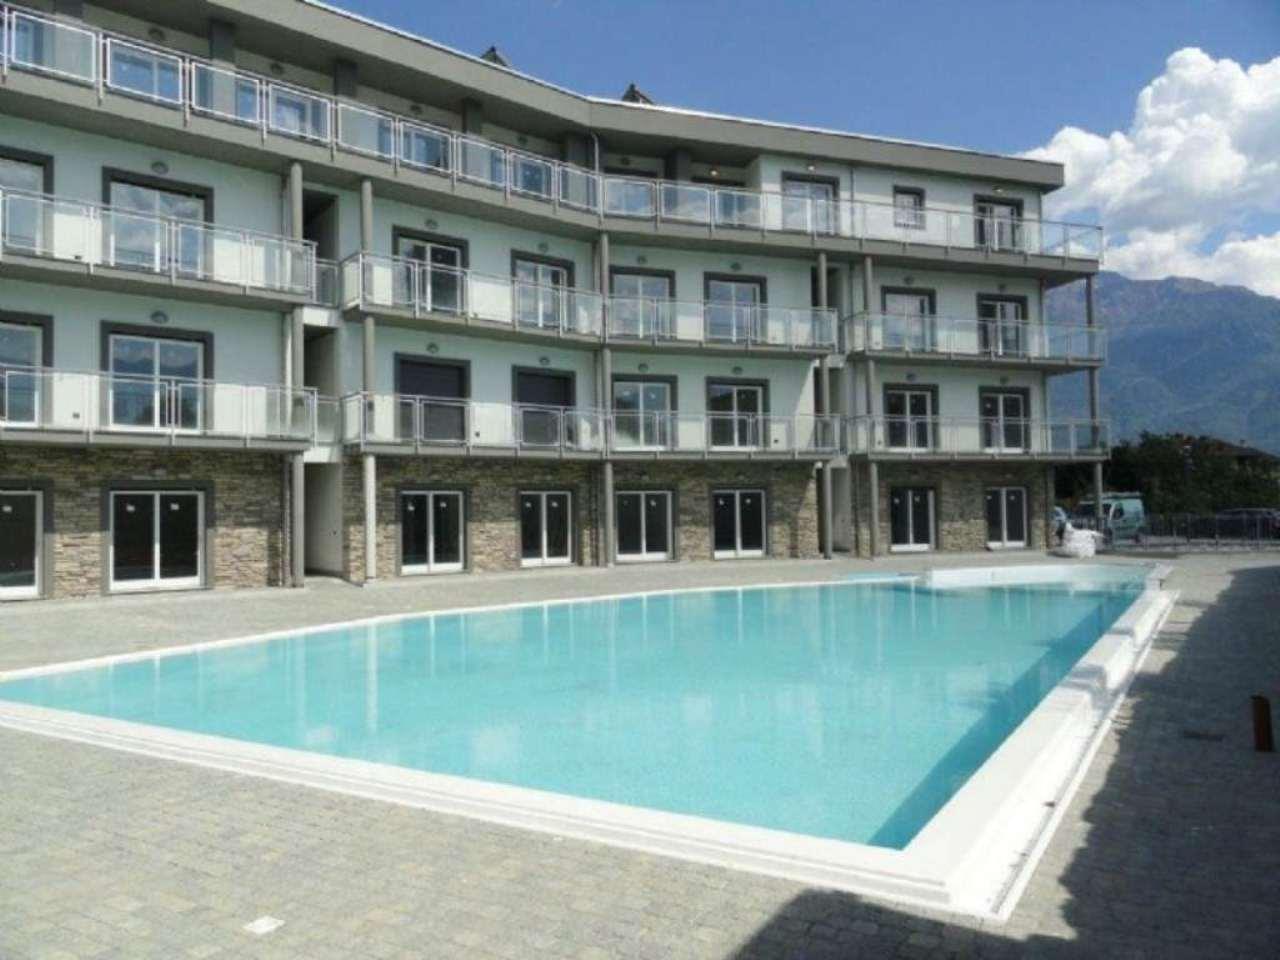 Appartamento in vendita a Domaso, 2 locali, prezzo € 136.000 | Cambio Casa.it